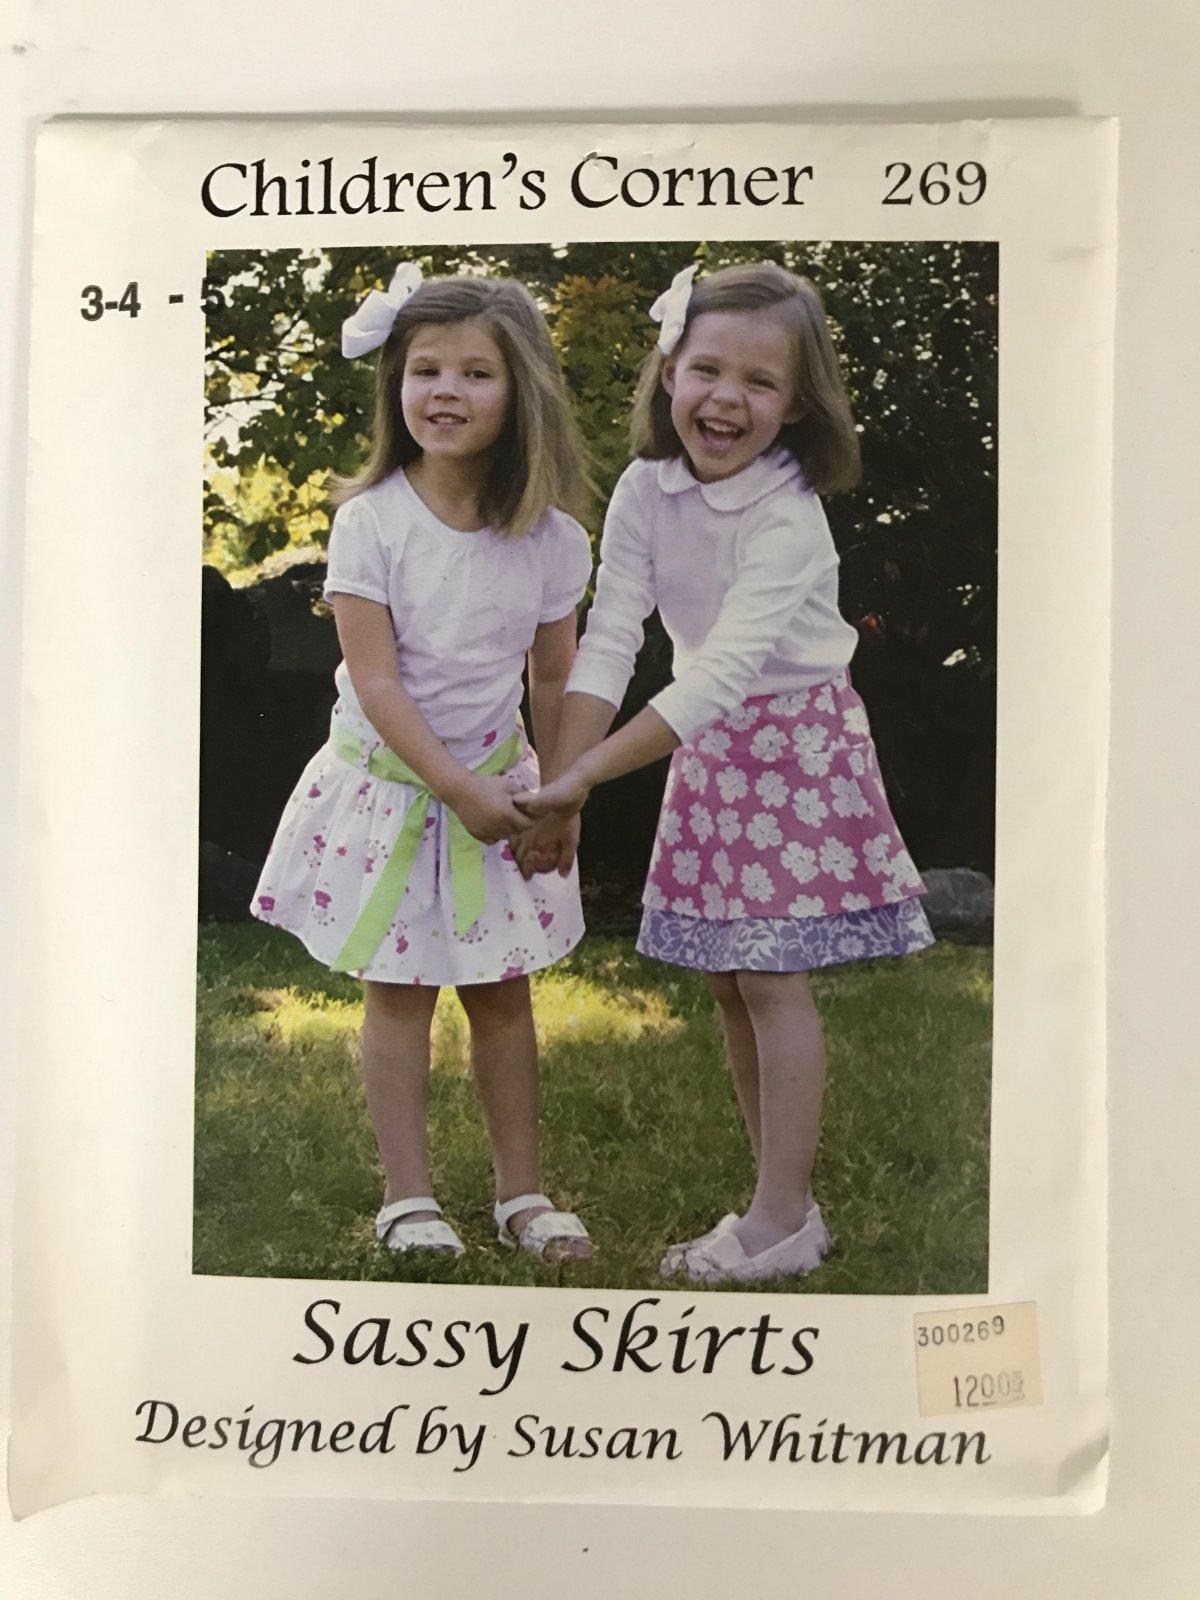 CHILDREN'S CORNER SASSY SKIRT